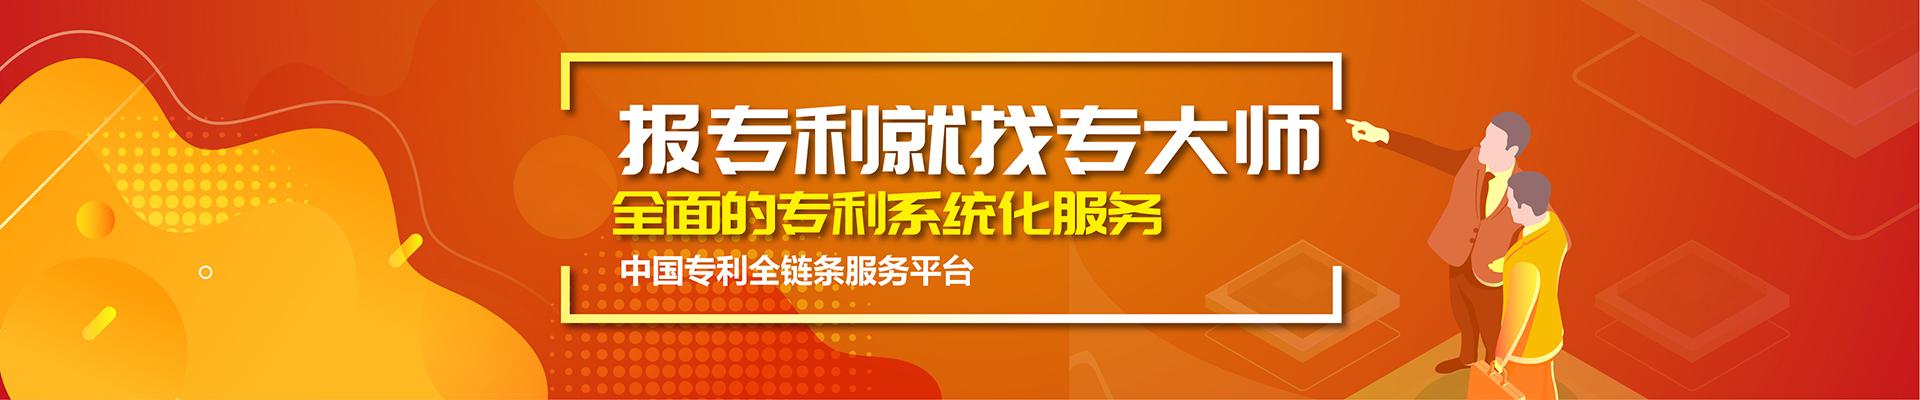 报专利就找专大师,全面的专利系统化服务,中国专利全产业链服务平台